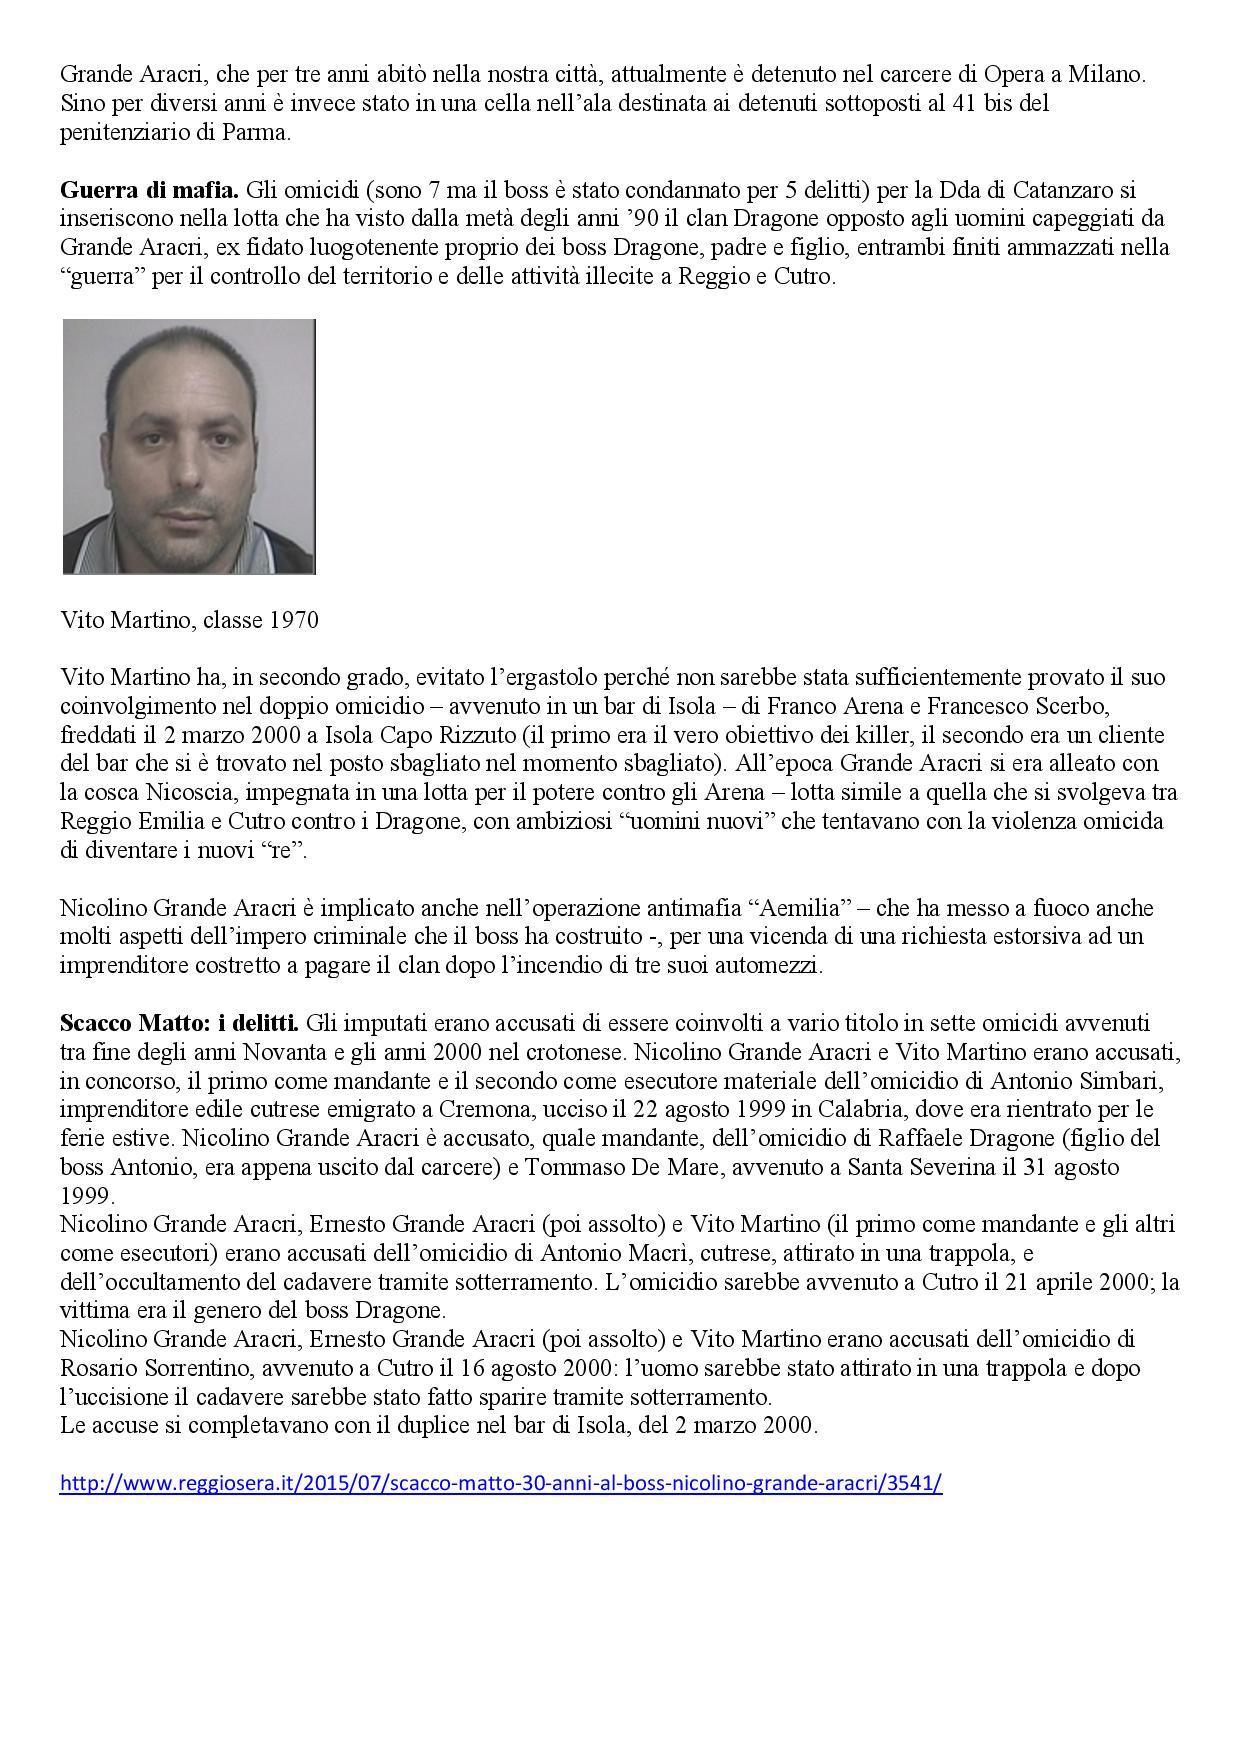 4_7_15_reggio-sera-page-002